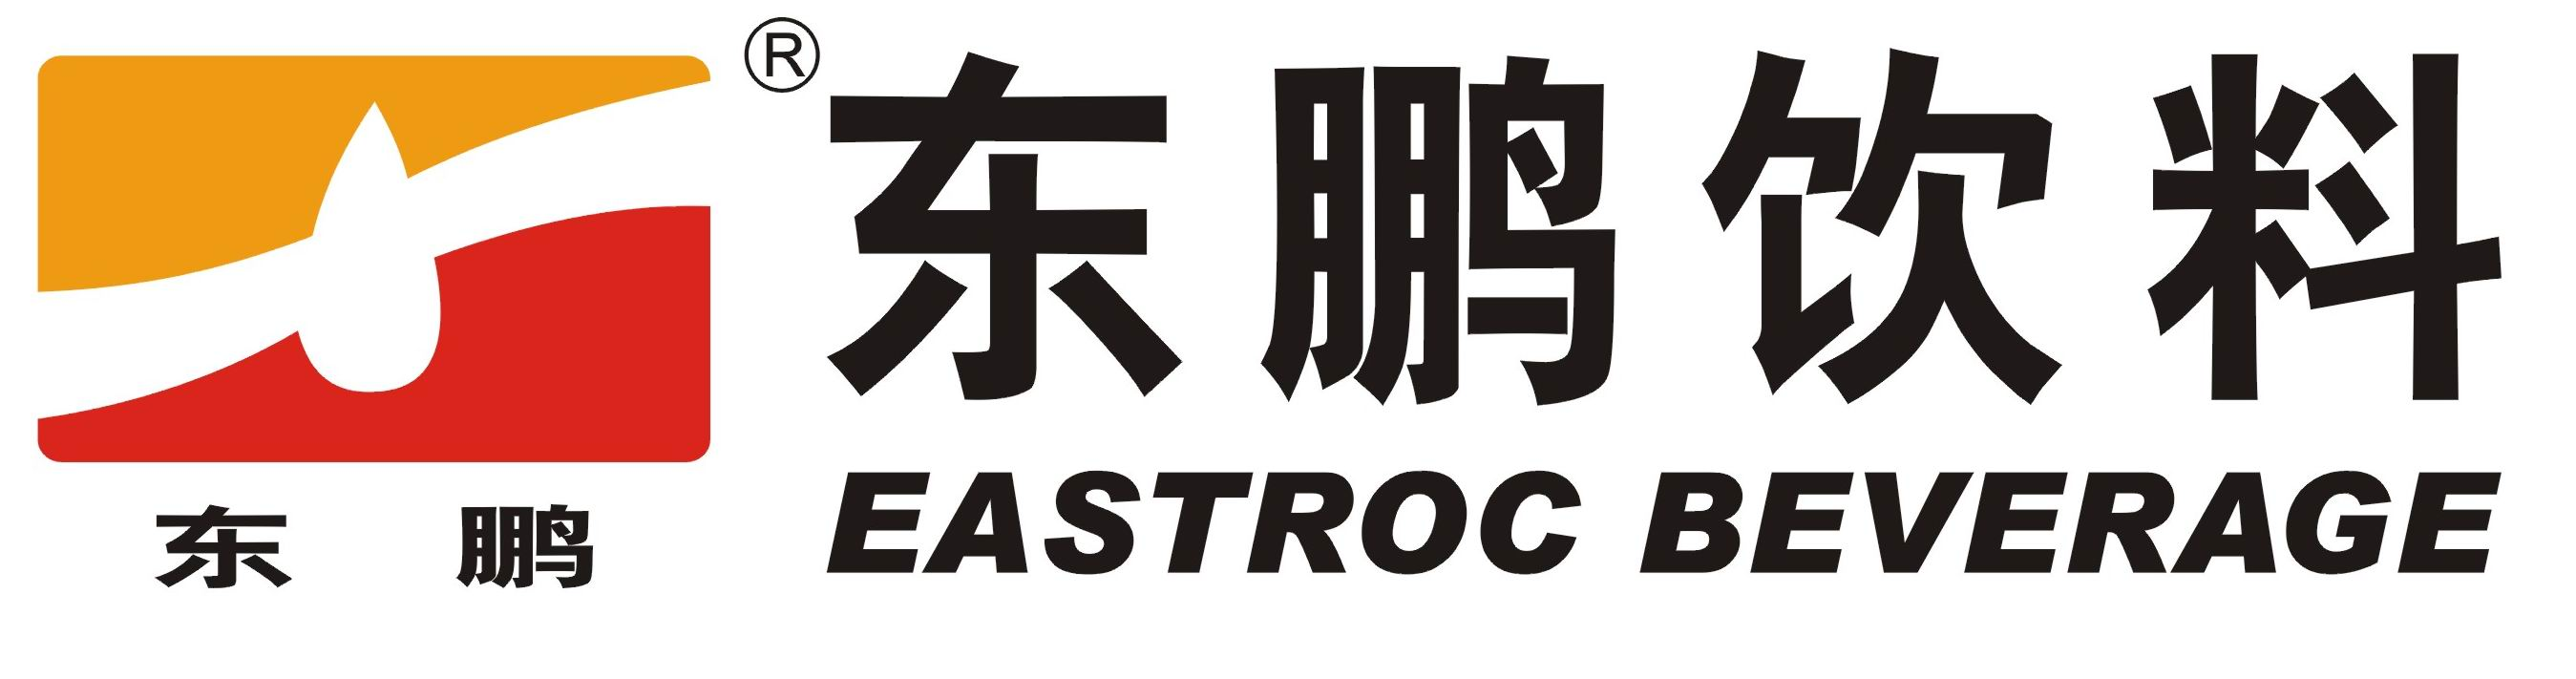 广州市东鹏食品饮料有限公司最新招聘信息